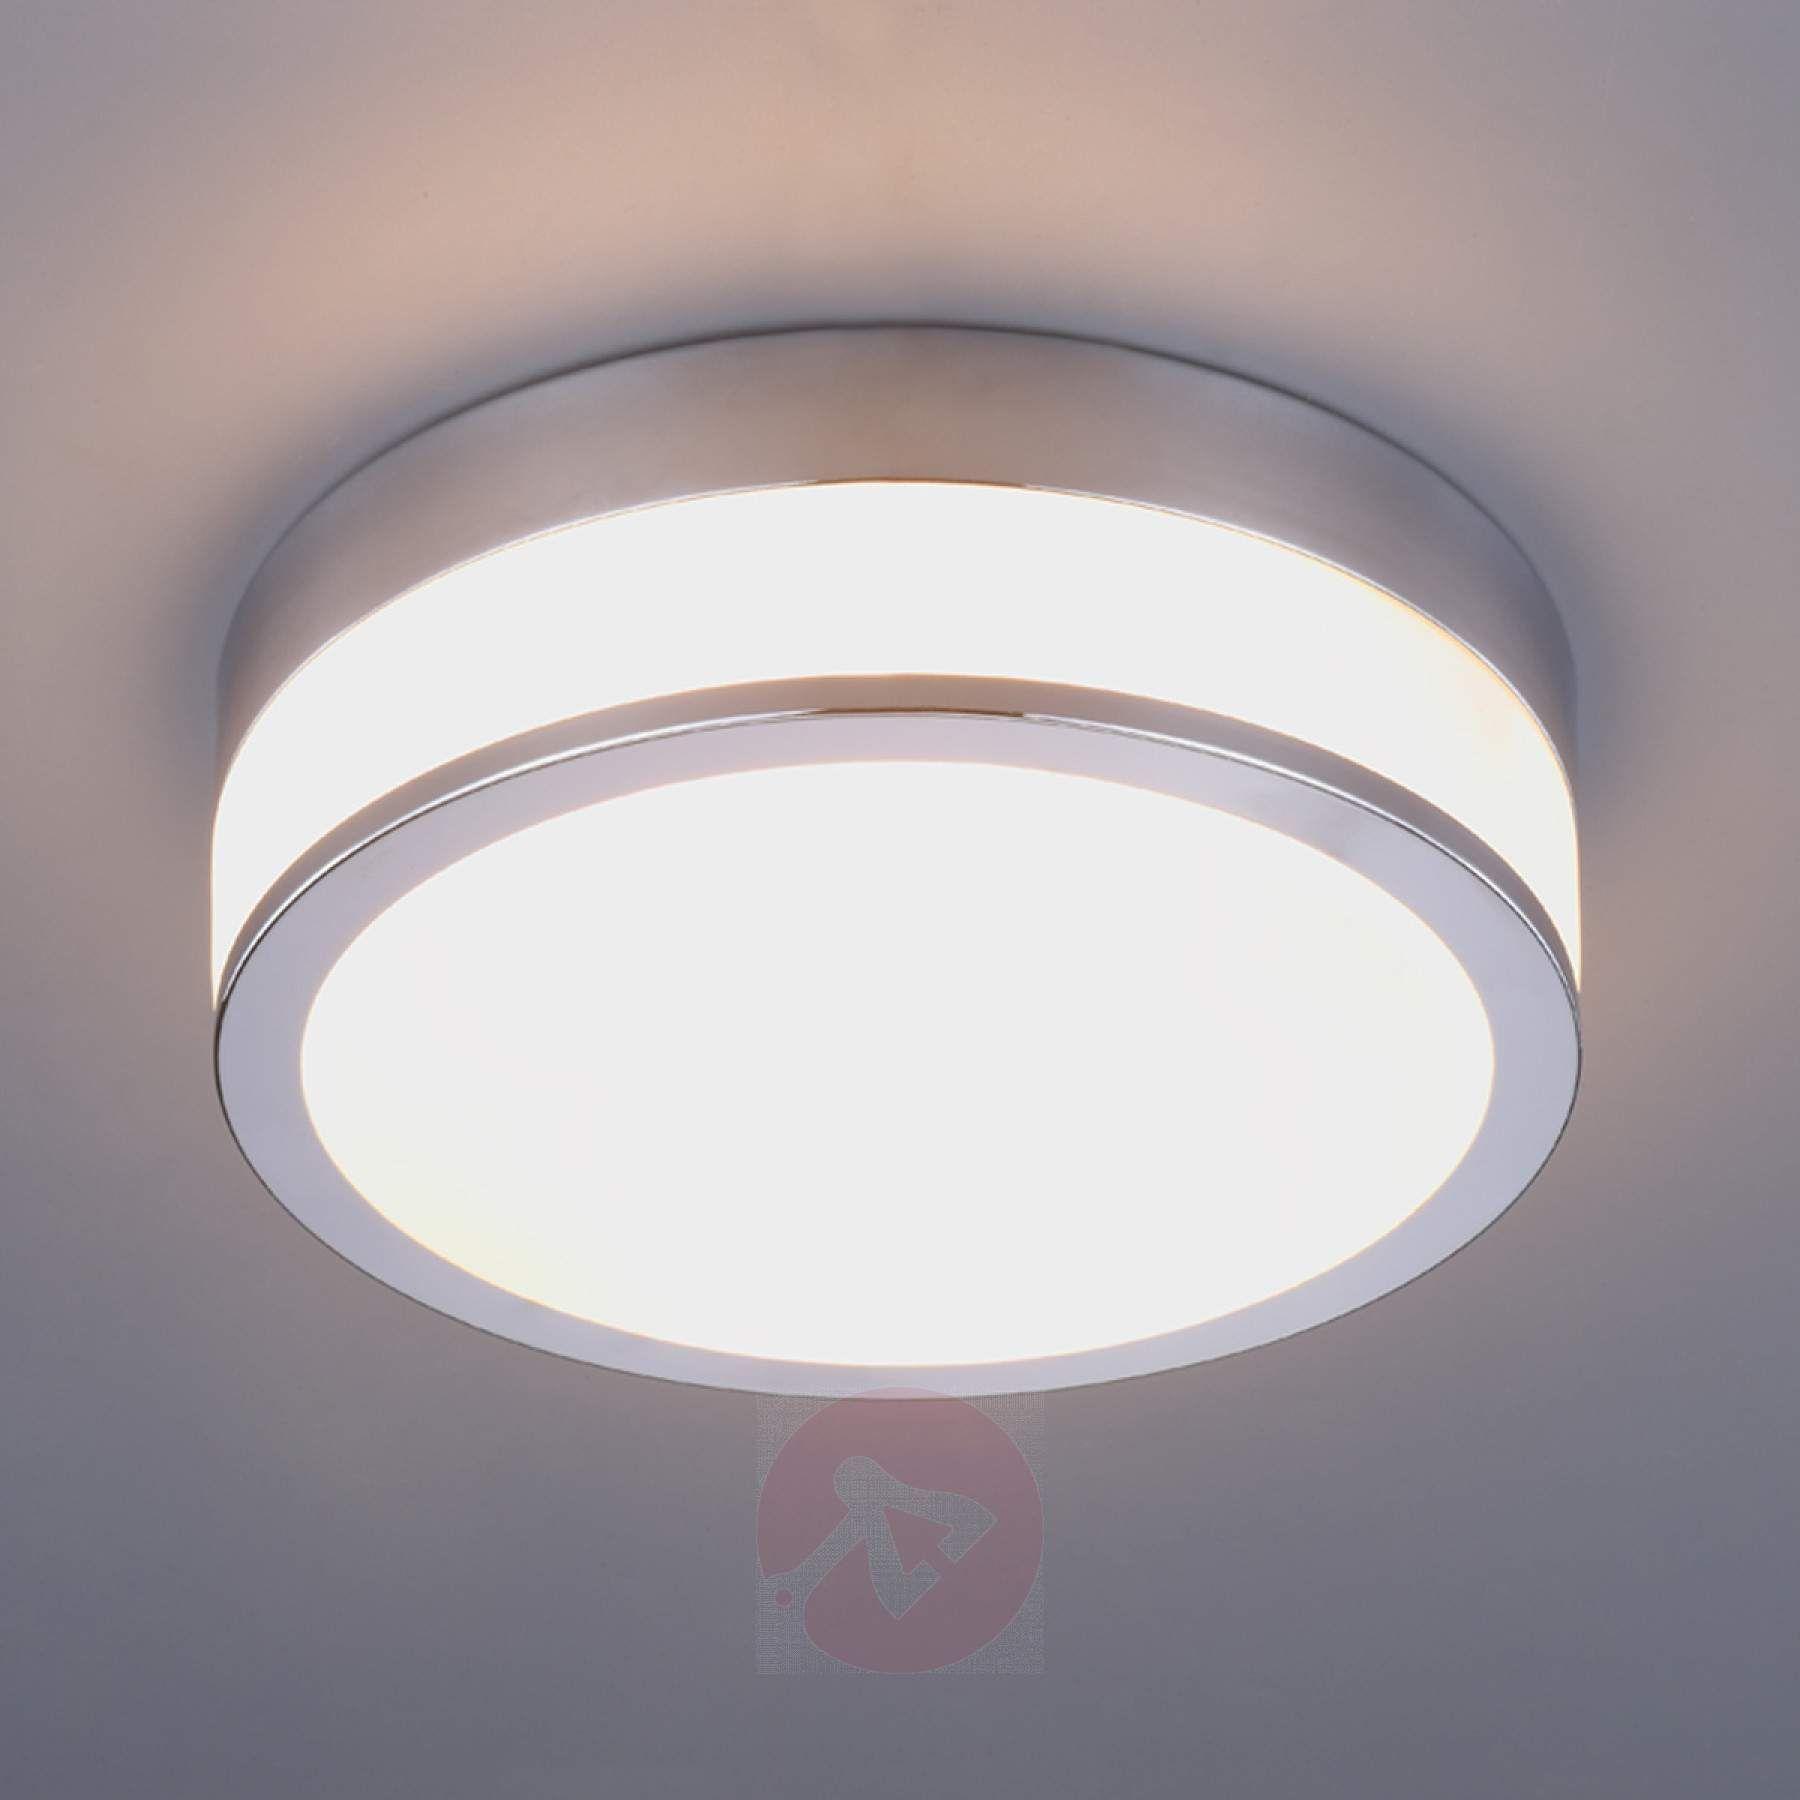 Lindby Flavi Bad Deckenlampe O 23 Cm Chrom Badezimmer Deckenleuchte Badezimmer Badezimmer Chrom